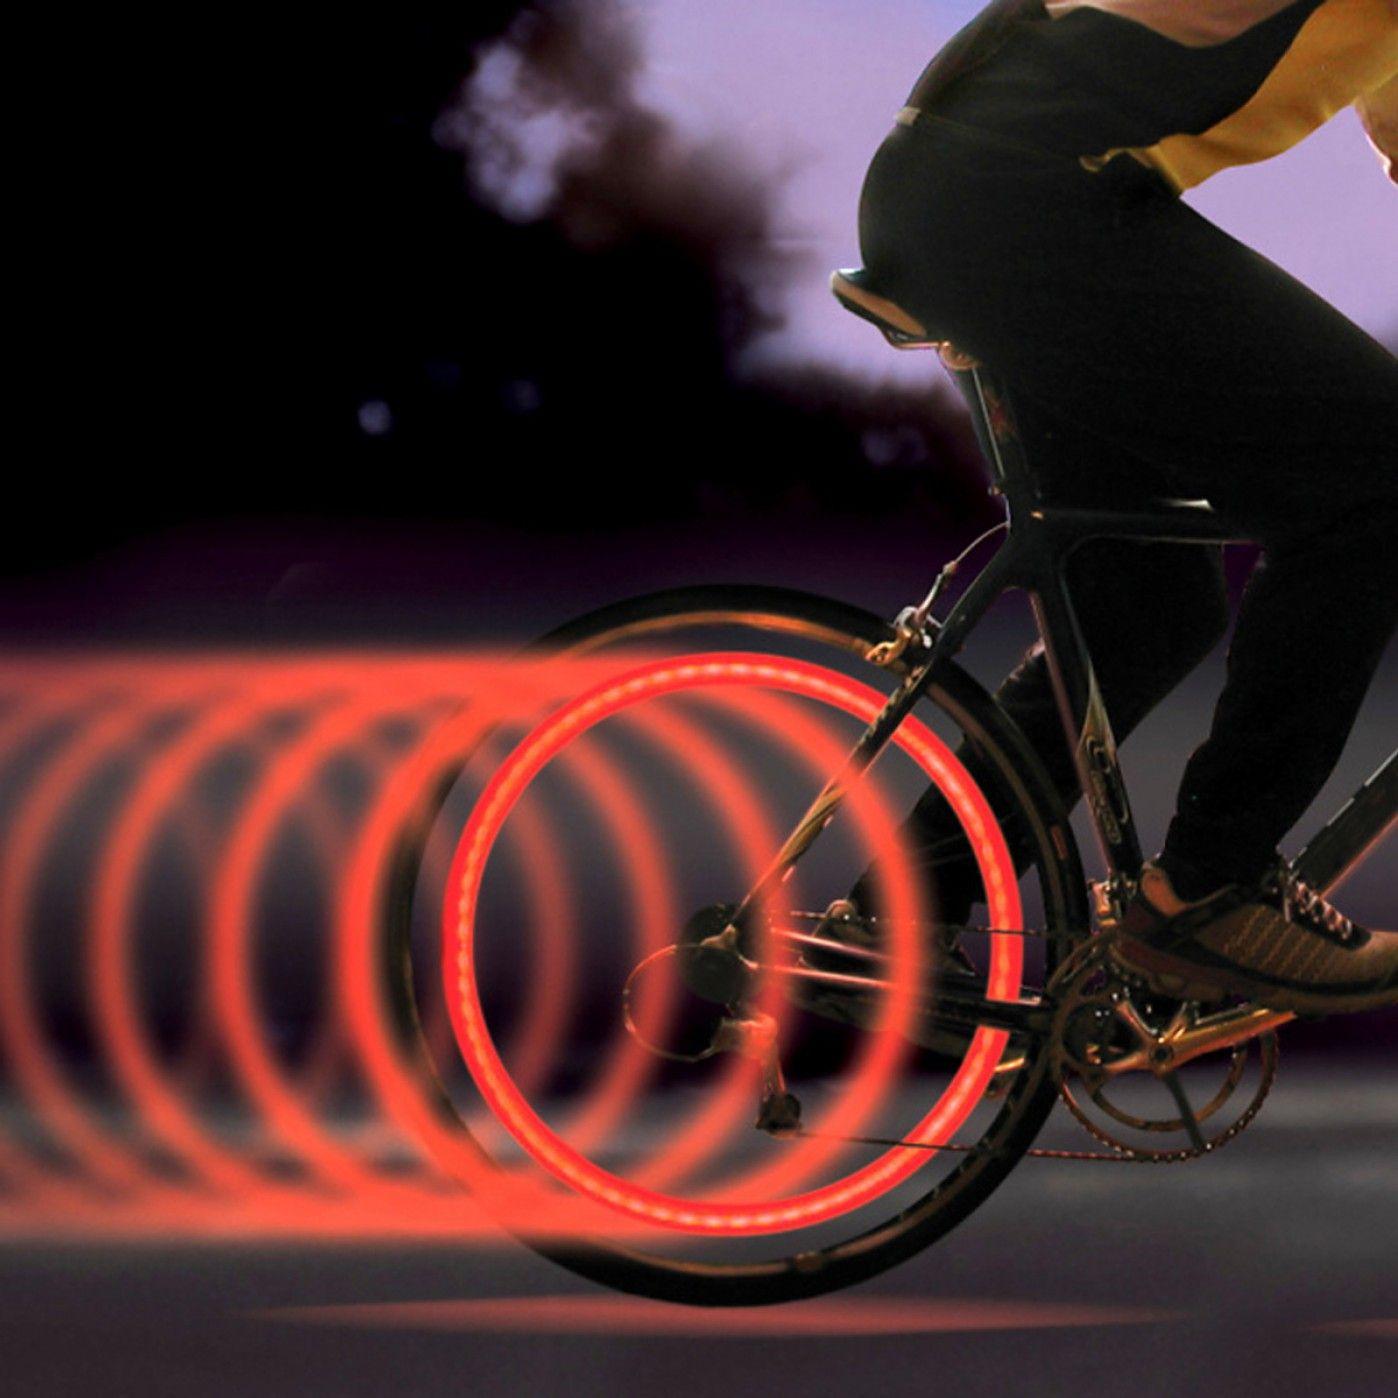 Fiets Spaak-Verlichting | Fahrräder, Lichtlein und Leuchten